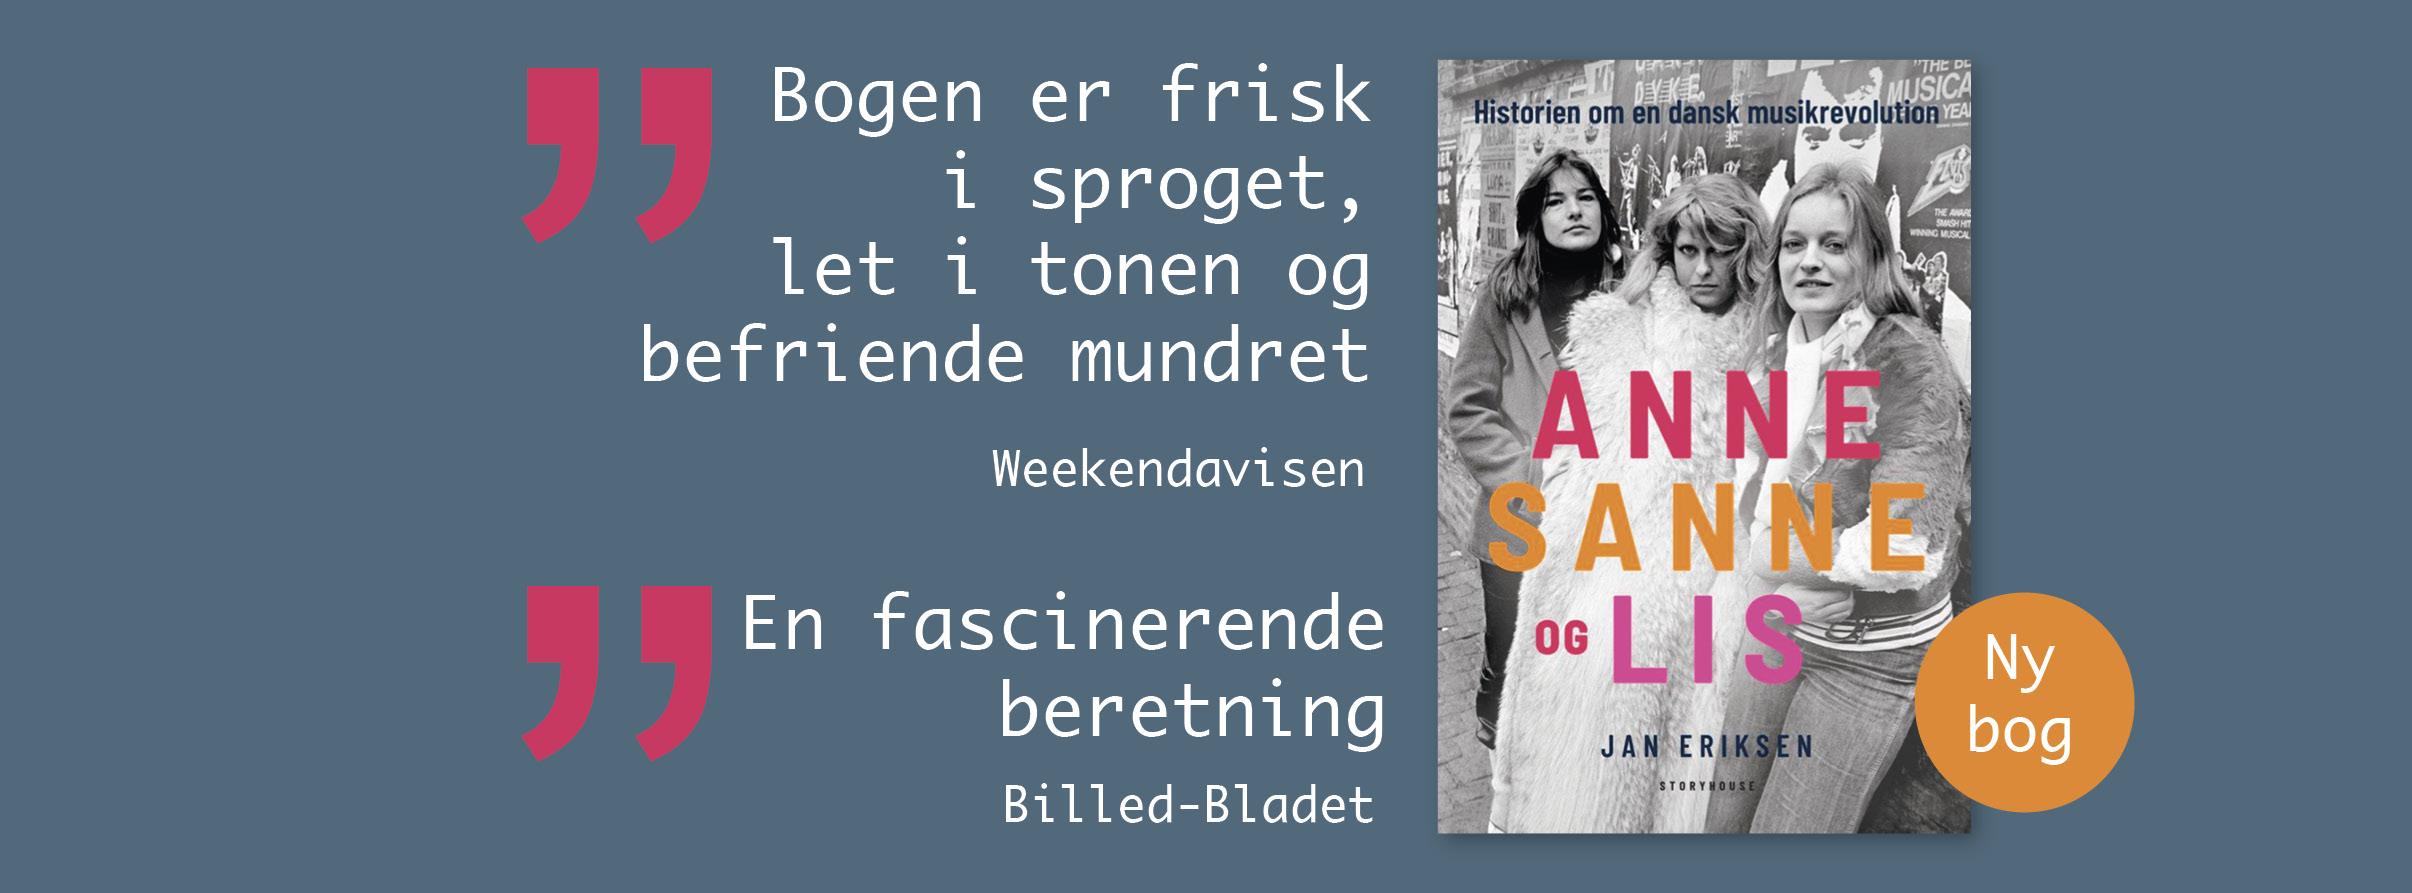 Billed-Bladet, Weekendavisen